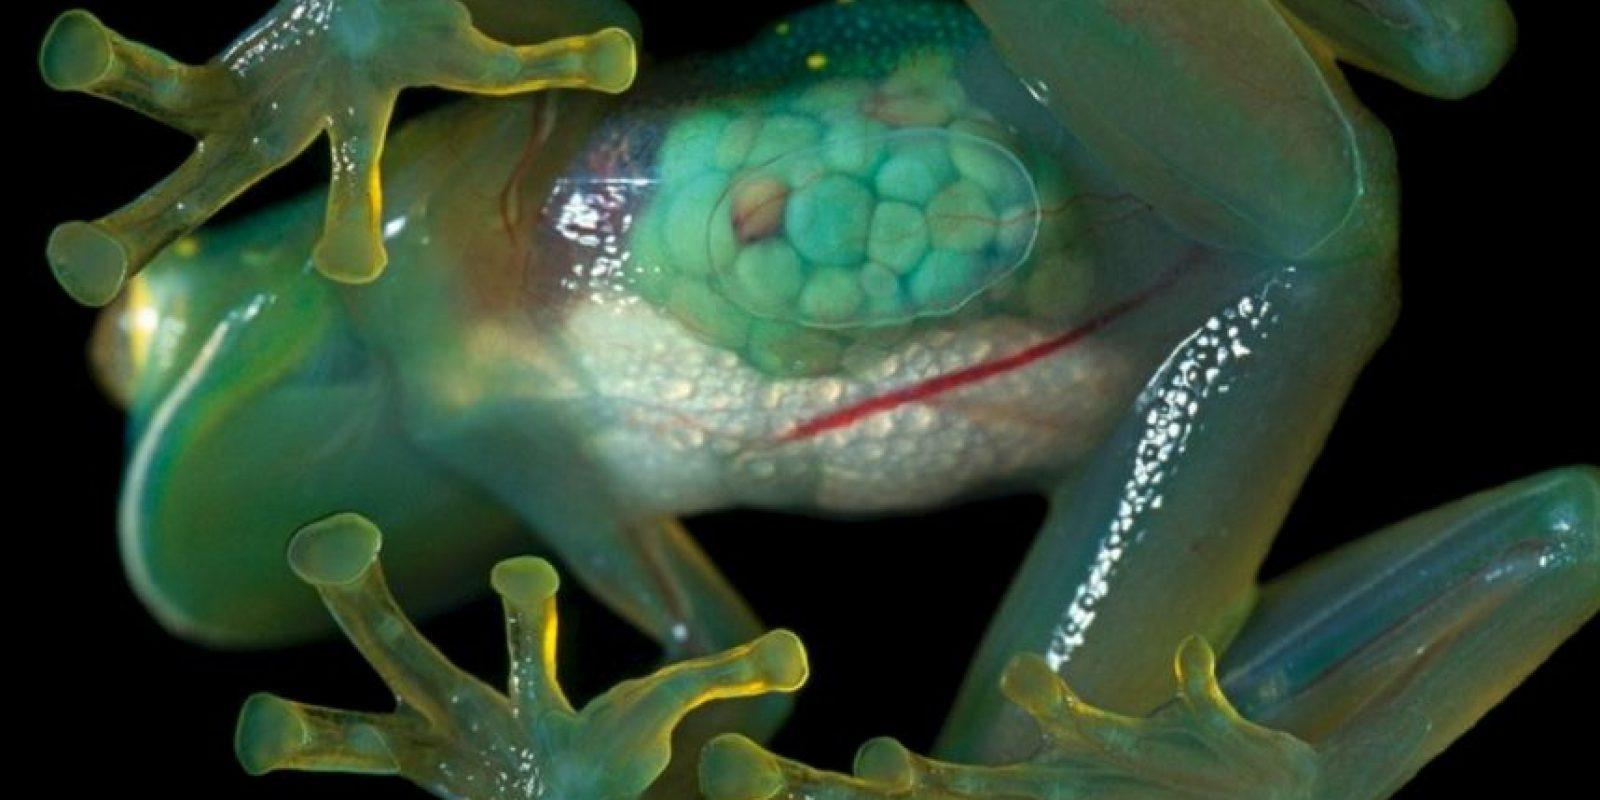 Las ranas transparentes fueron creadas en Hiroshima para ver sus órganos internos. Foto:vía Wildlife. com